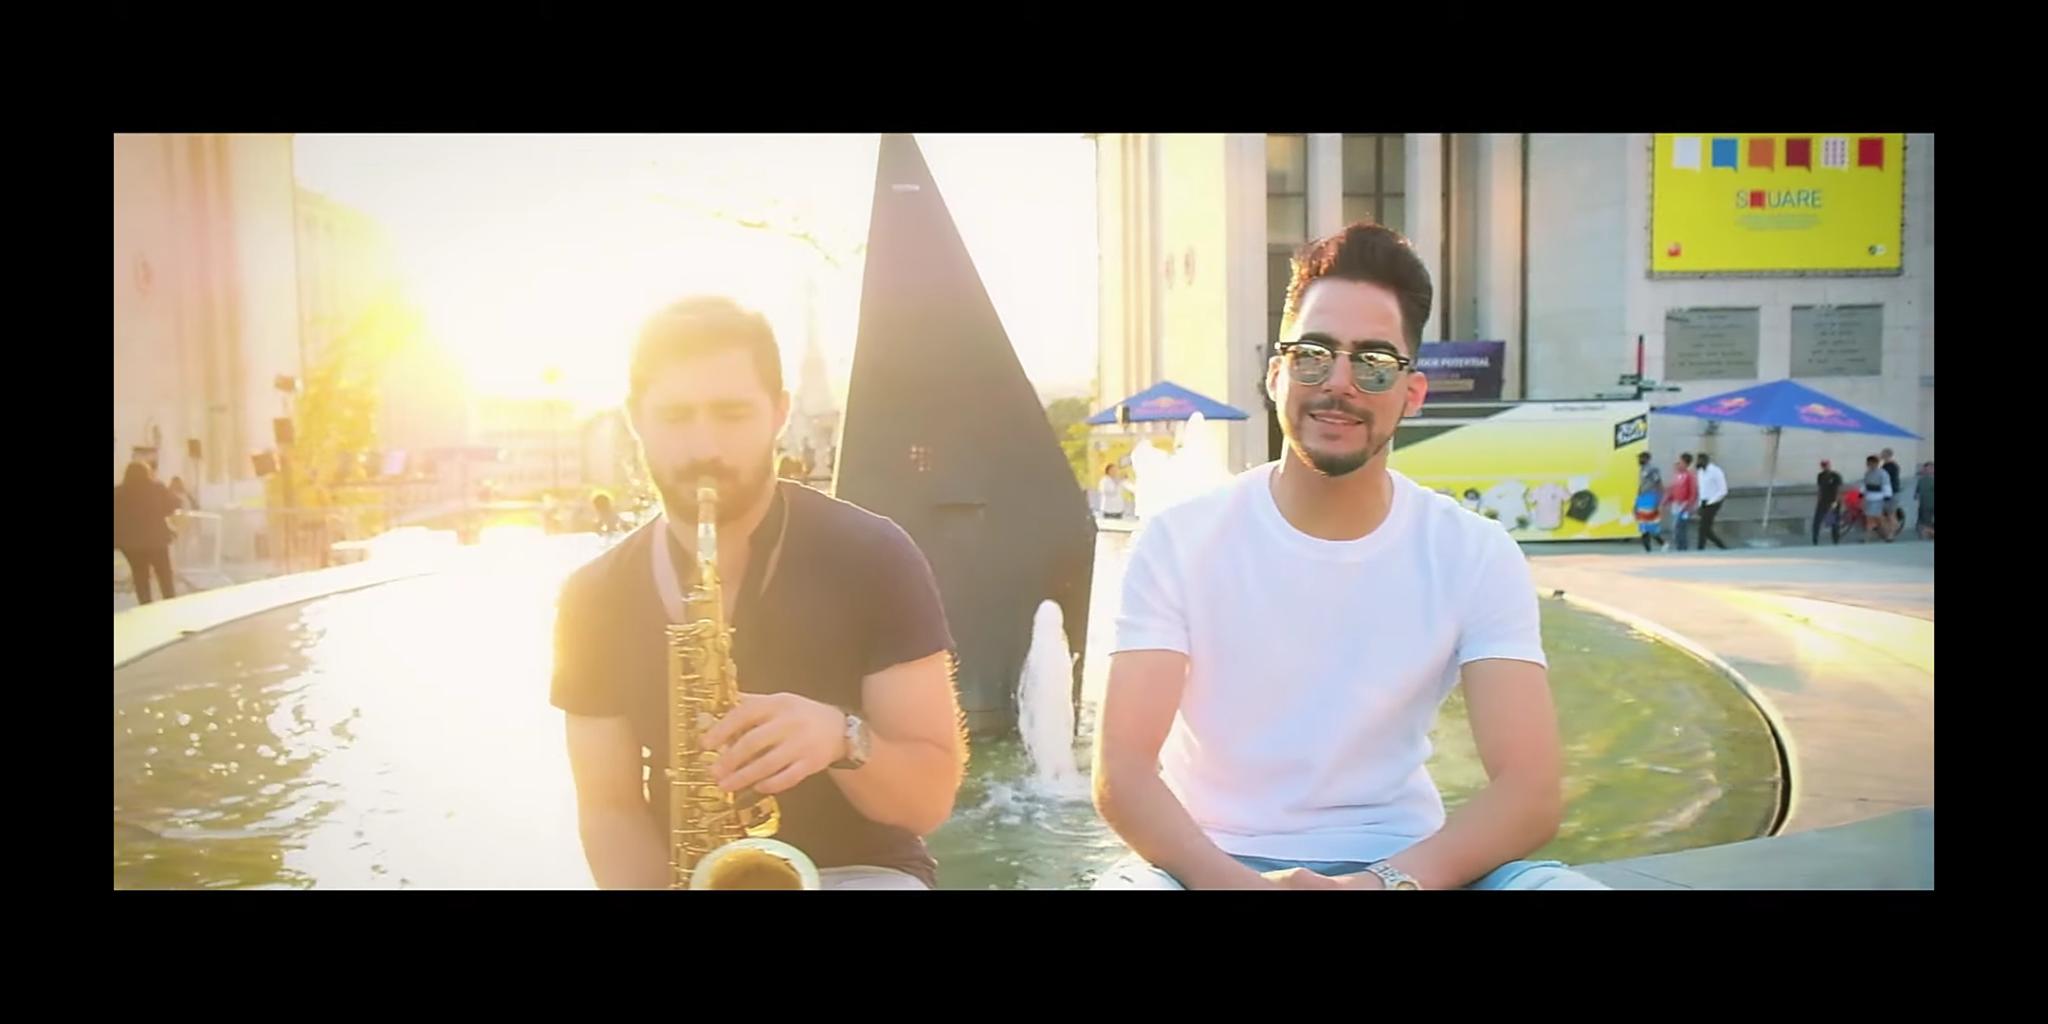 """ابن مدينة بني أنصار الفنان وليد كامل يصدر فيديو كليب جديد """" كوفر"""" لاغنية """"أحبك"""" لحسين الجاسمي"""